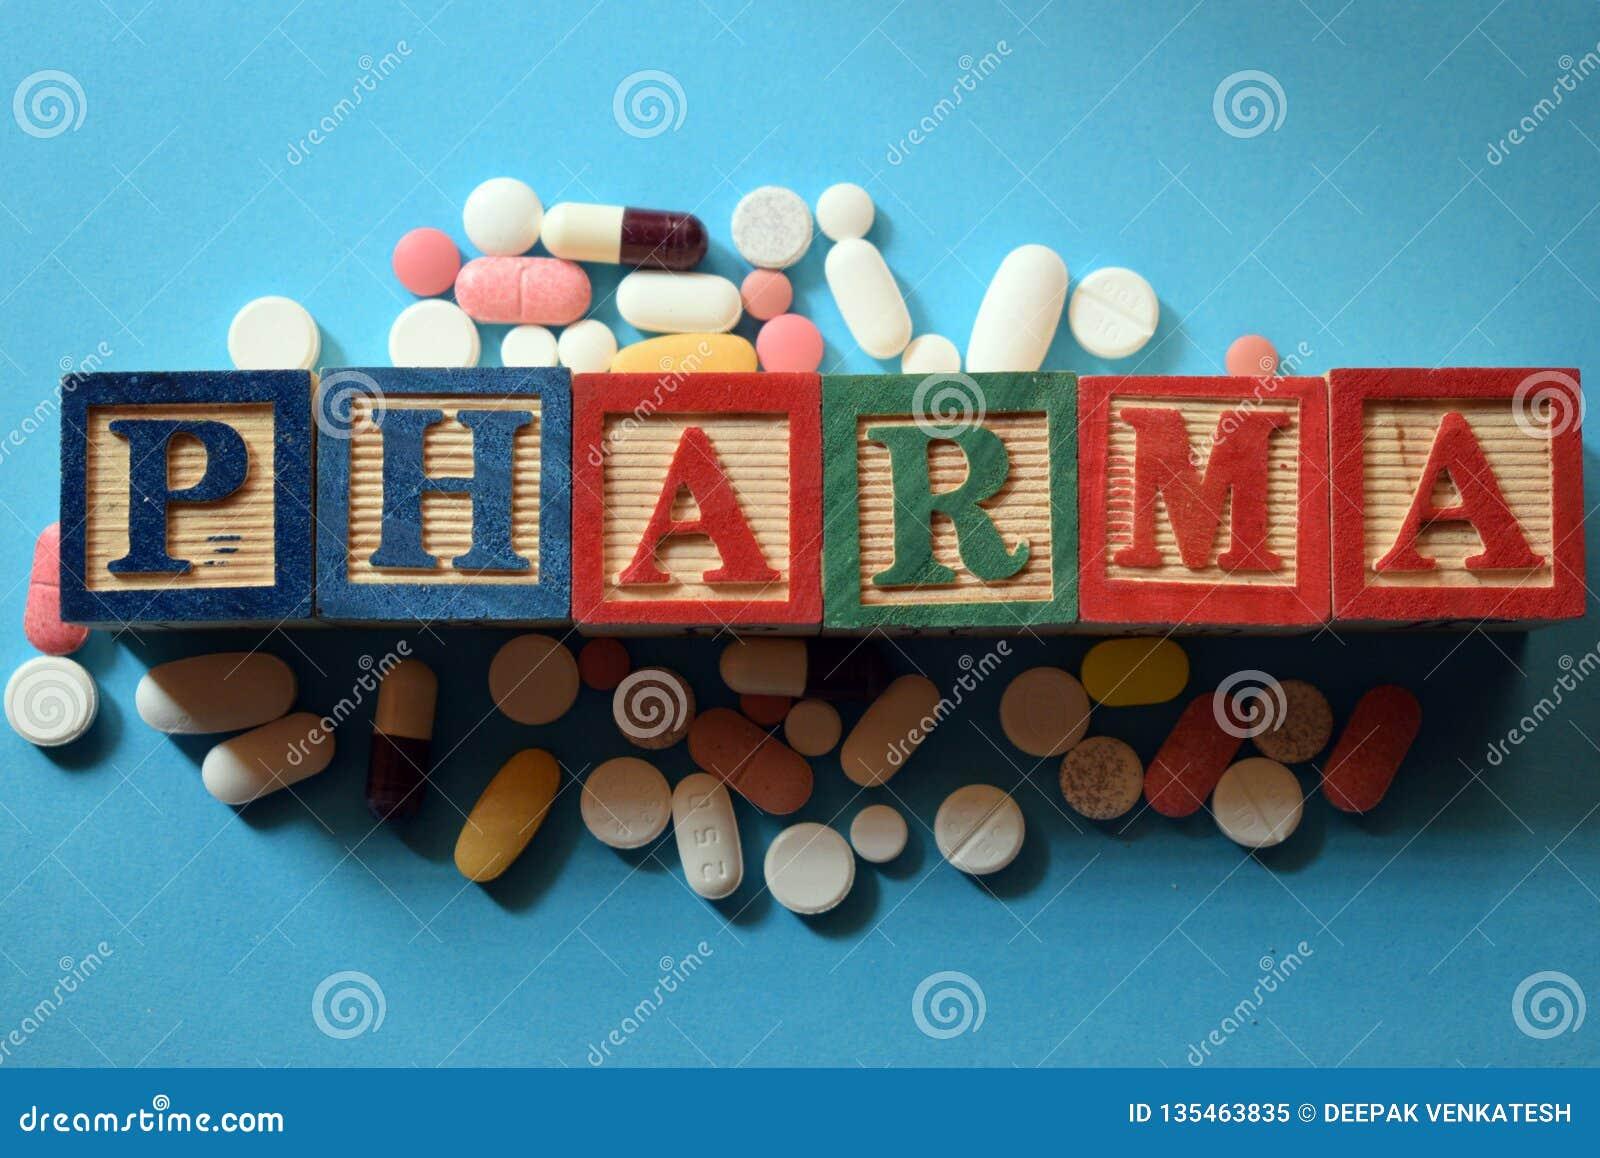 Texto de Pharma no bloco de madeira